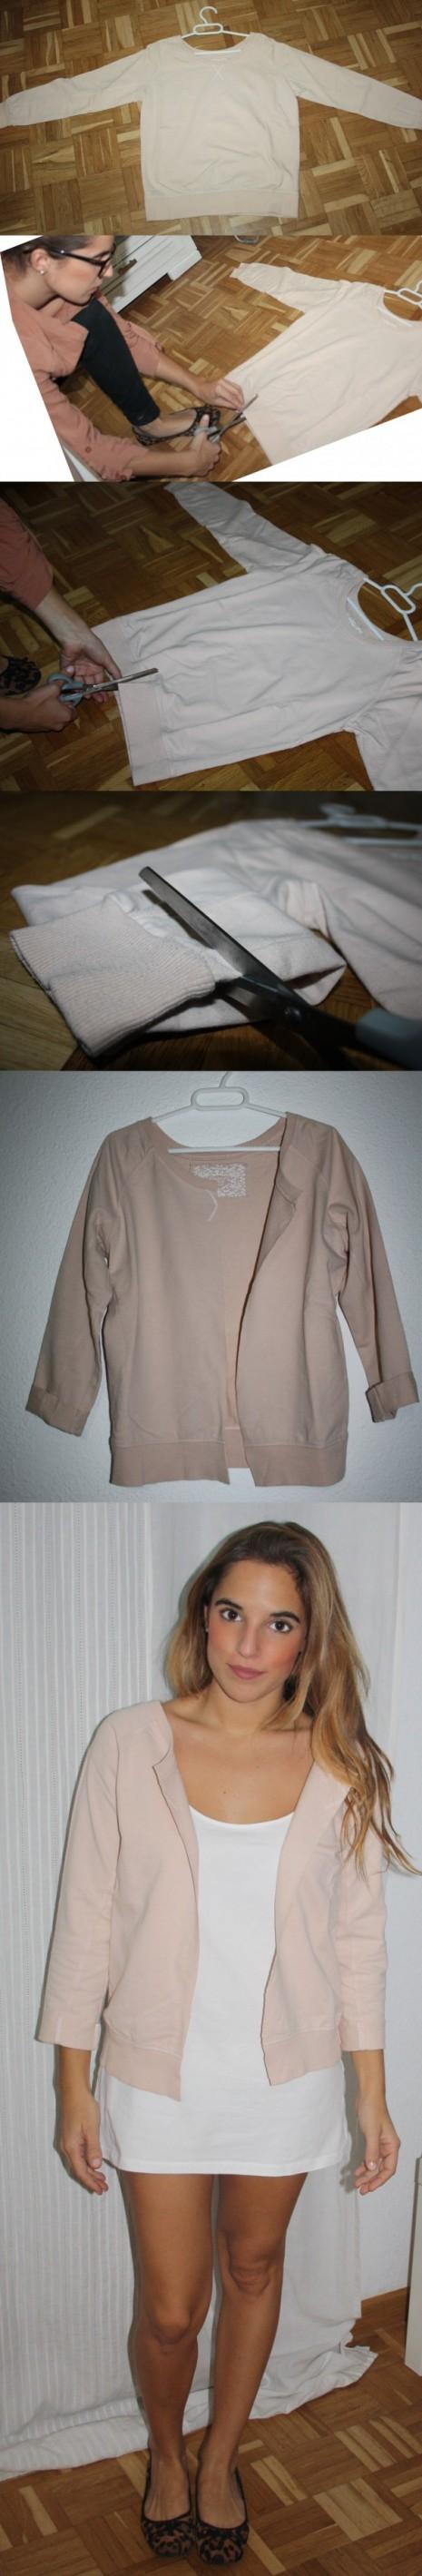 lareinadellowcost-diy-chaqueta-jersey-barato-manualidades-reusar-reutilizar-como-hacerlo-paso-a-paso-outfit1